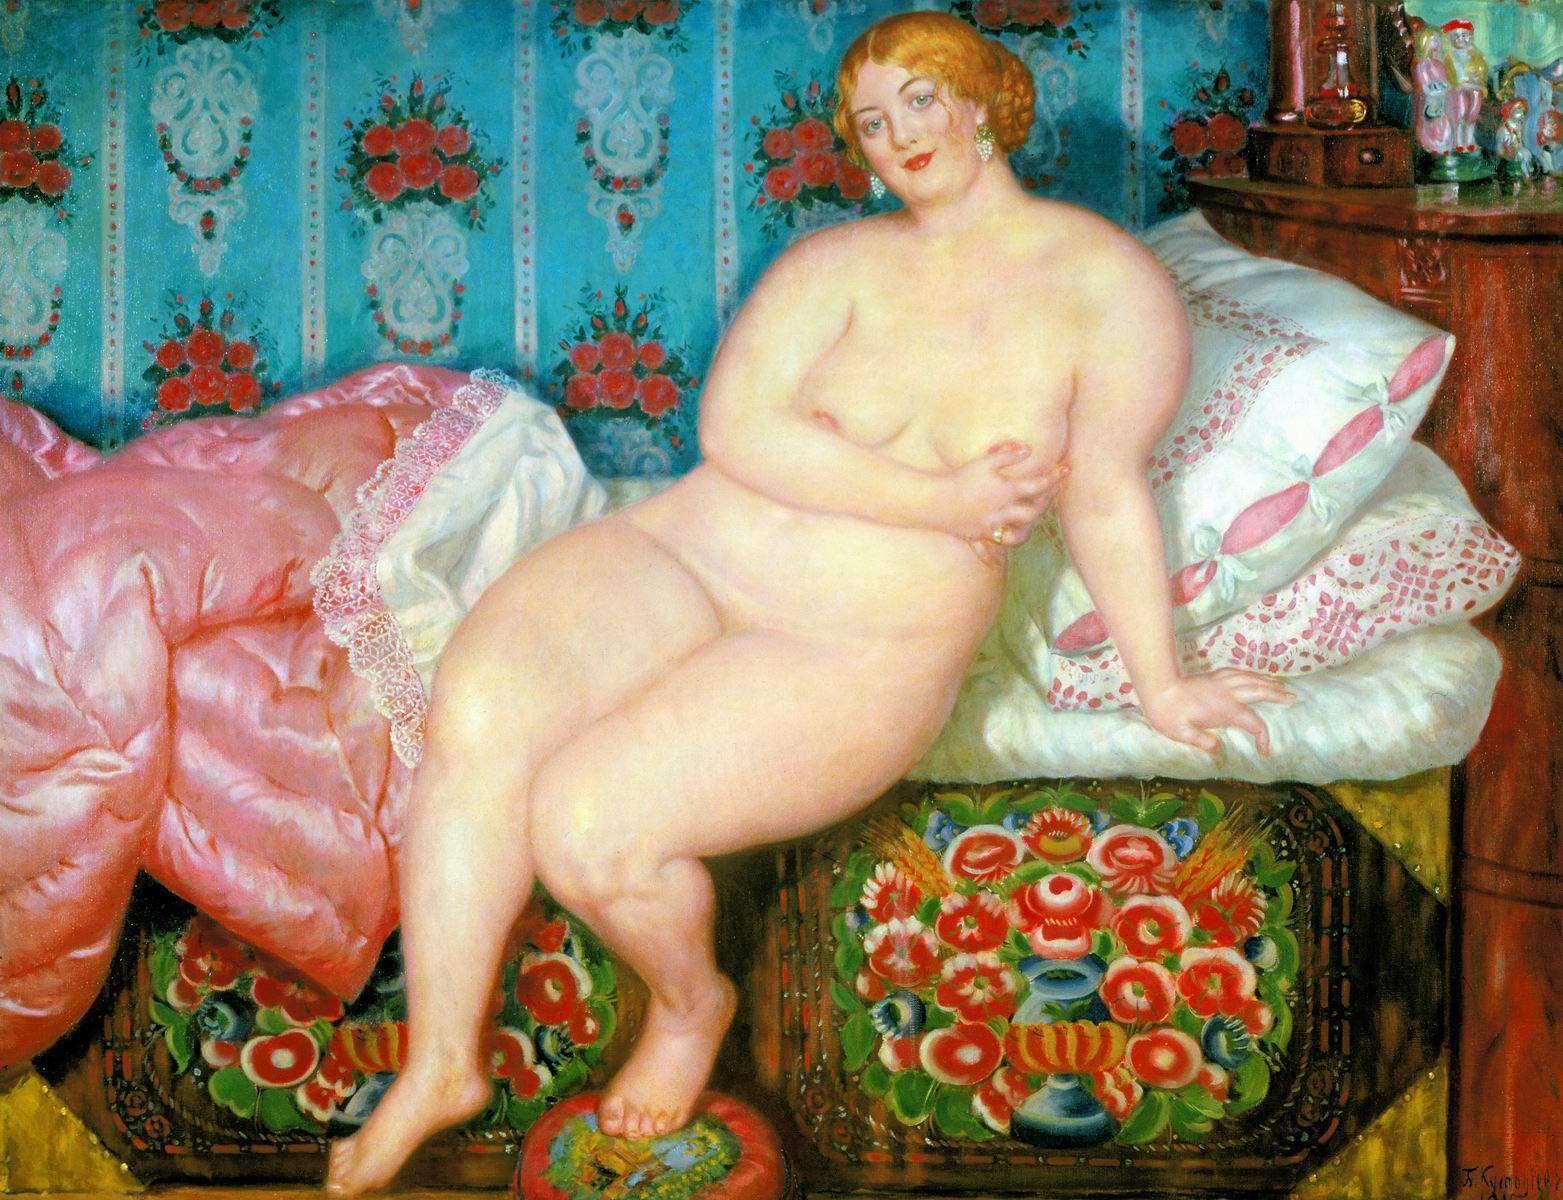 1915年に、この画家は代表作となる『美』を完成させた。この作品で彼は、自らの才能を駆使して新たな芸術的現実を創造した。この絵は質感豊かで、部屋いっぱいにちりばめられた様々な物体や、女性の身体という、この作品内で最も重要な存在を巧みに表現することで、傍観者の注意をも引き付けている。/ 『美』、ボリス・クストーディエフ、1915年